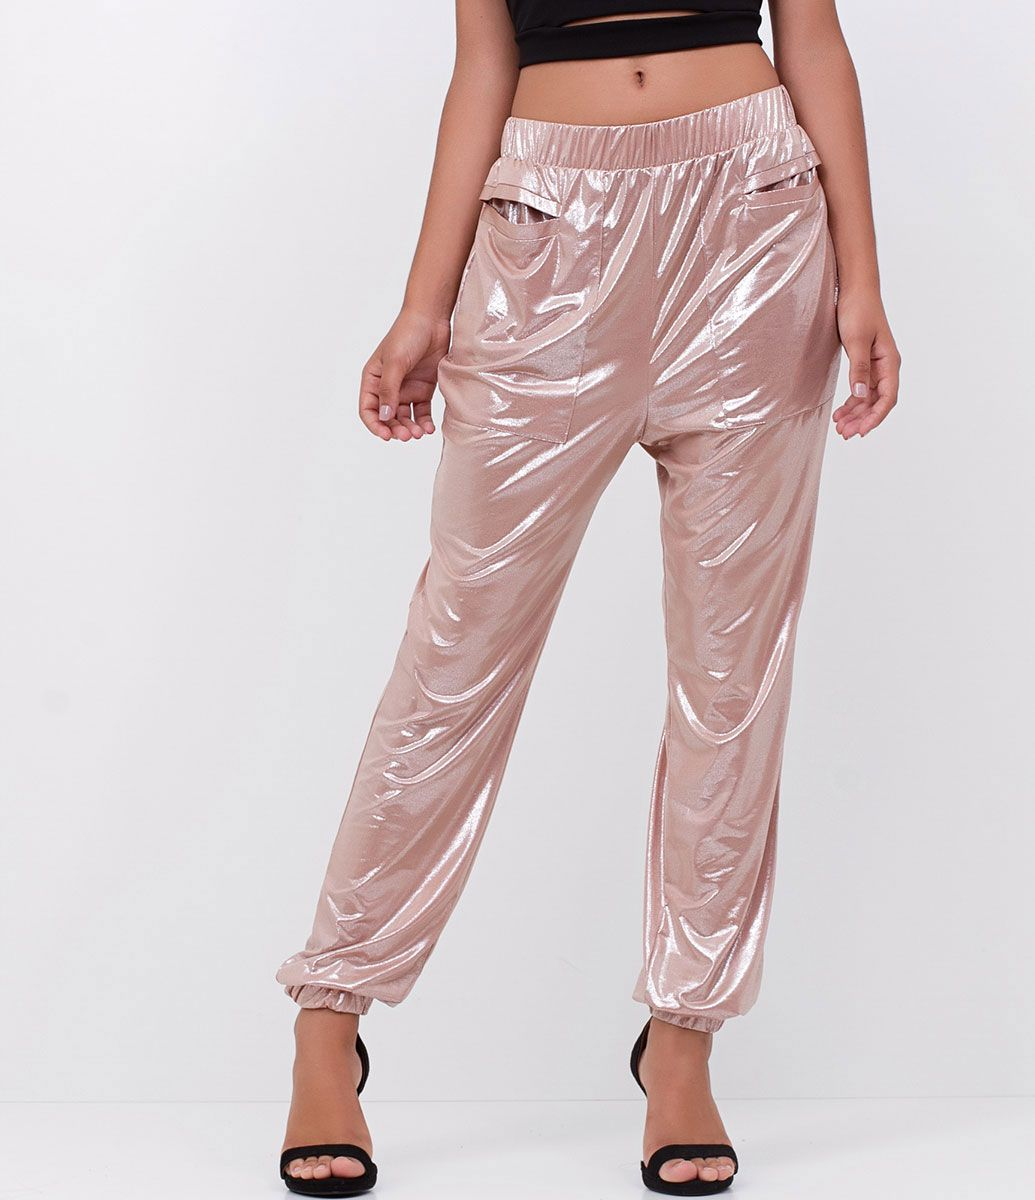 5e67eaa746 Calça feminina Metalizada Com bolsos grandes Elástico na barra Marca  Just  Be Tecido  Cetim